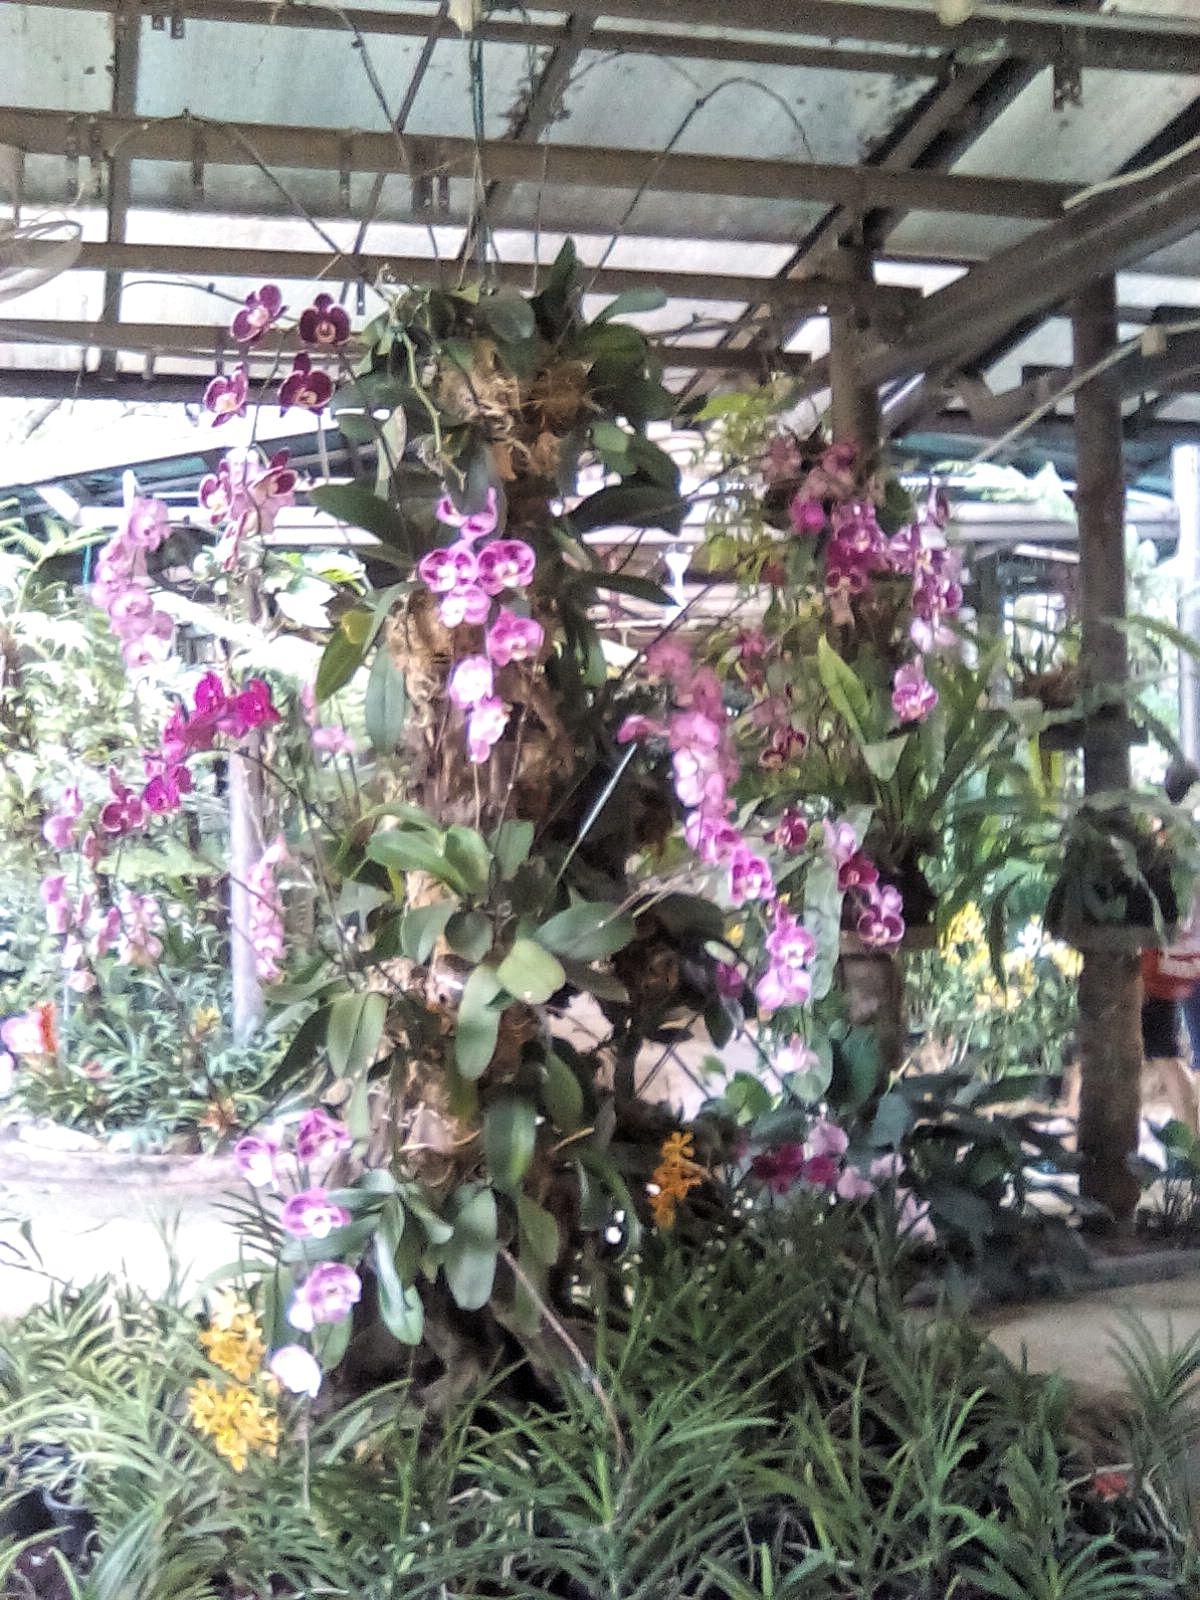 malaisie kuala lumpur jardin orchidee visite gratuite